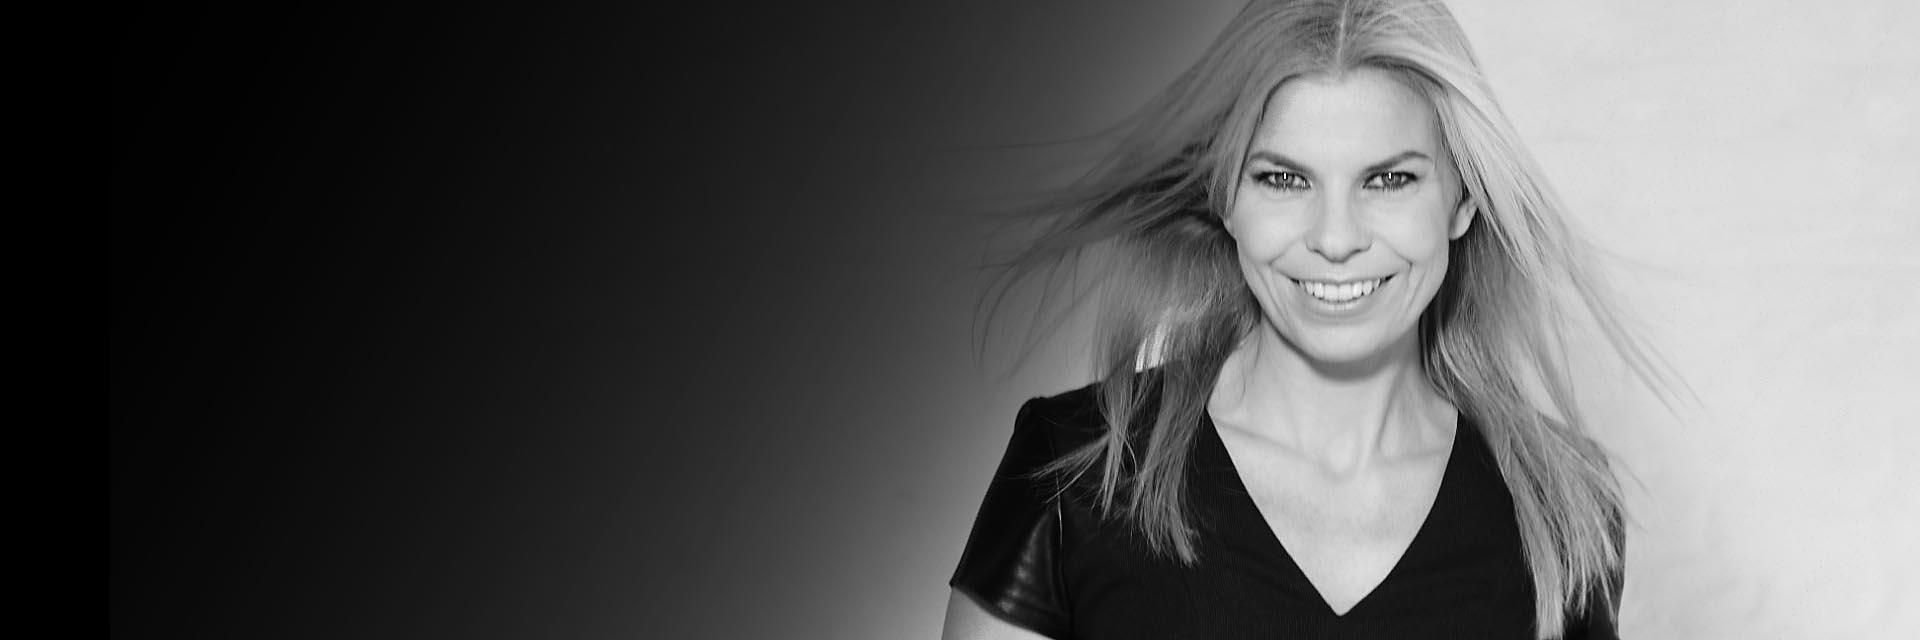 Christina Boelskifte - Professionel Performancetræning og Musikalsk Teambuilding